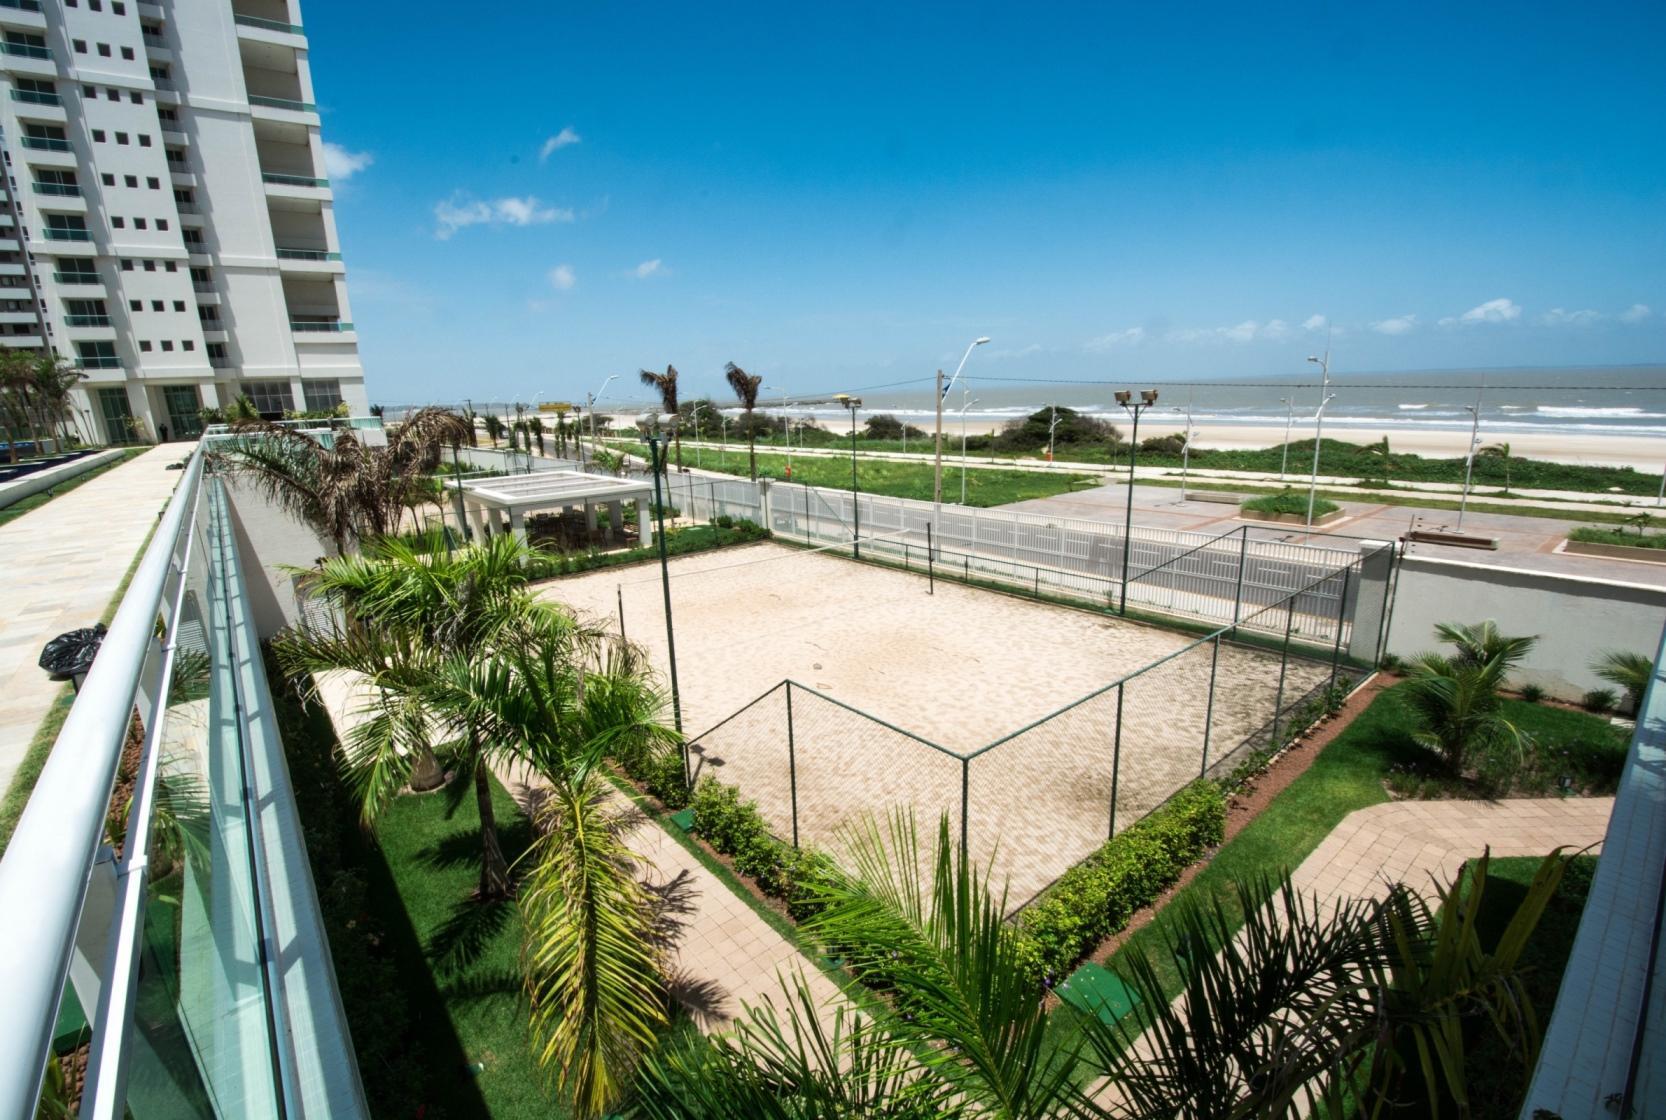 Imóvel pronto | Île Saint Louis  – Apartamentona  Ponta D'areia - São Luís - Maranhão